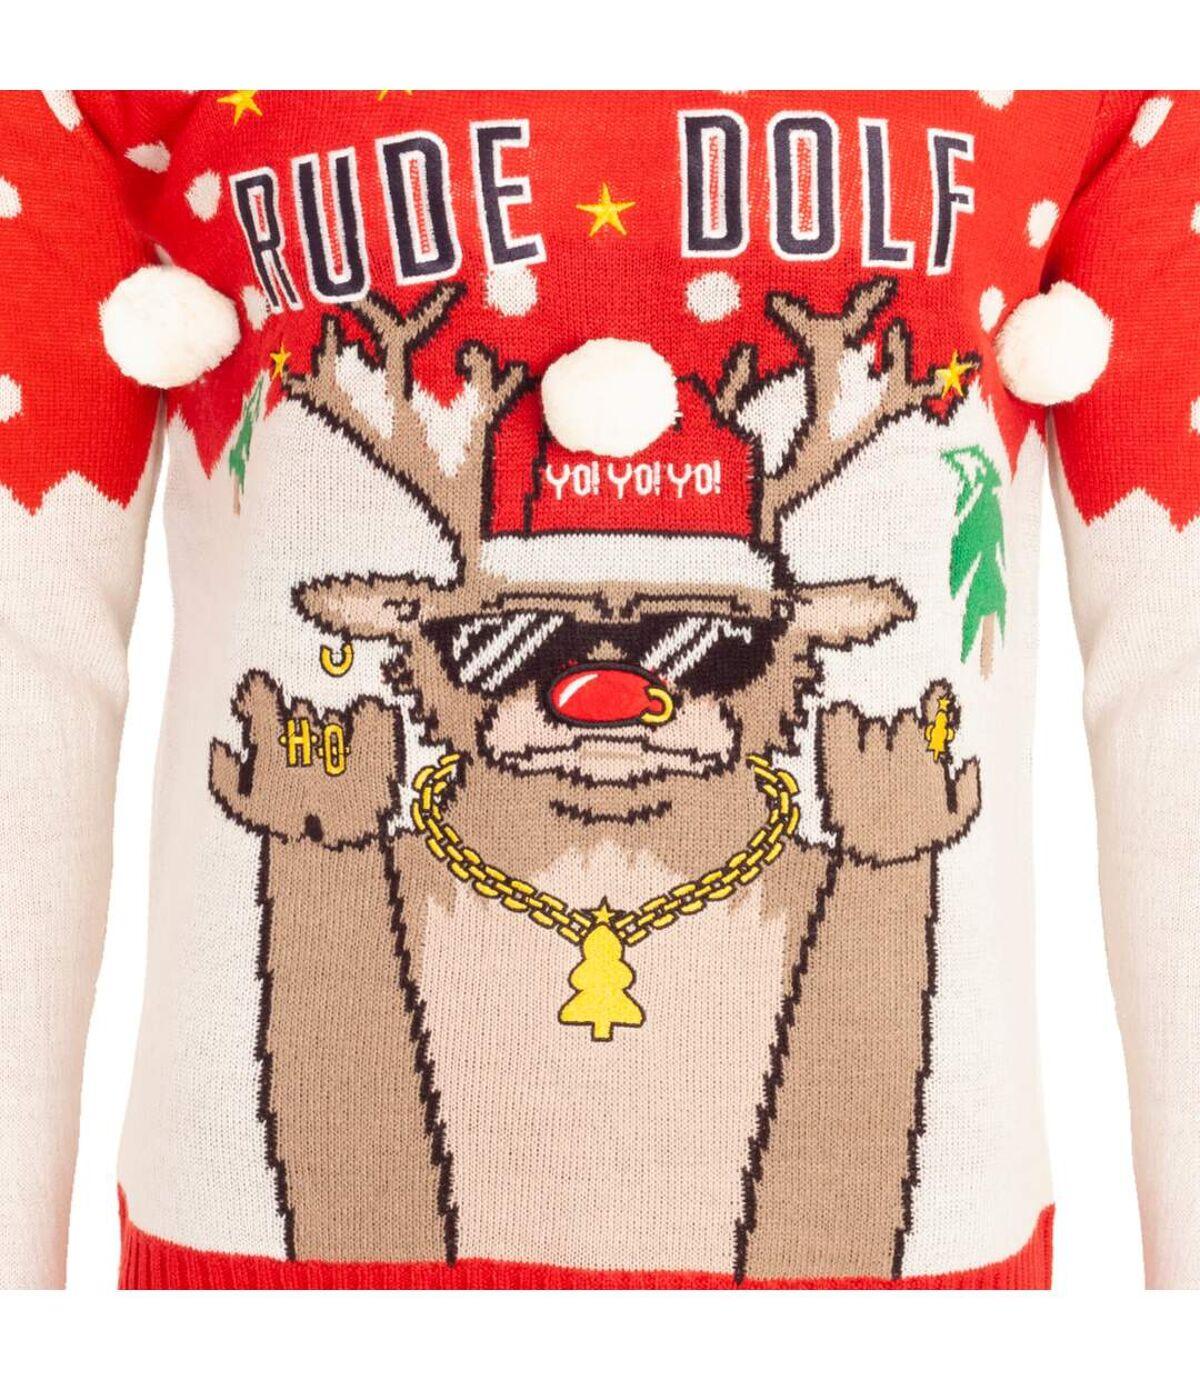 Brave Soul Mens Christmas `Rude Dolf` Jumper (Red) - UTXM134